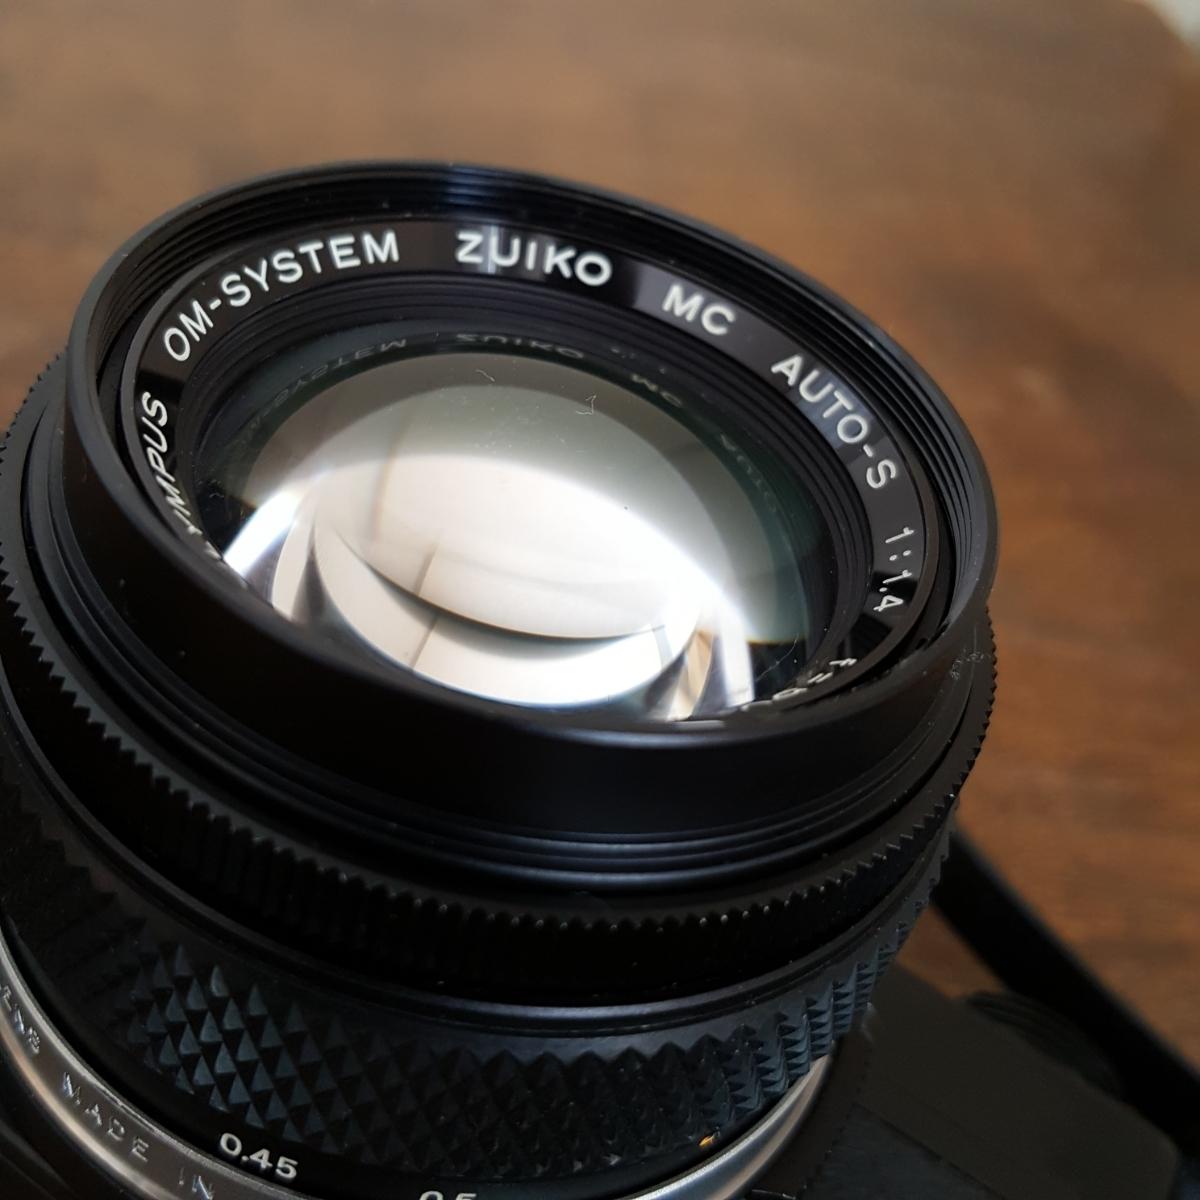 蔵出 当時物 カメラ その5 OLYMPUS OM-2N オリンパス レンズ OM-SYSTEM ZUIKO MC AUTO-S 1:1.4 f=50mm 1058965 1059884 昭和 レトロ 日本_画像8